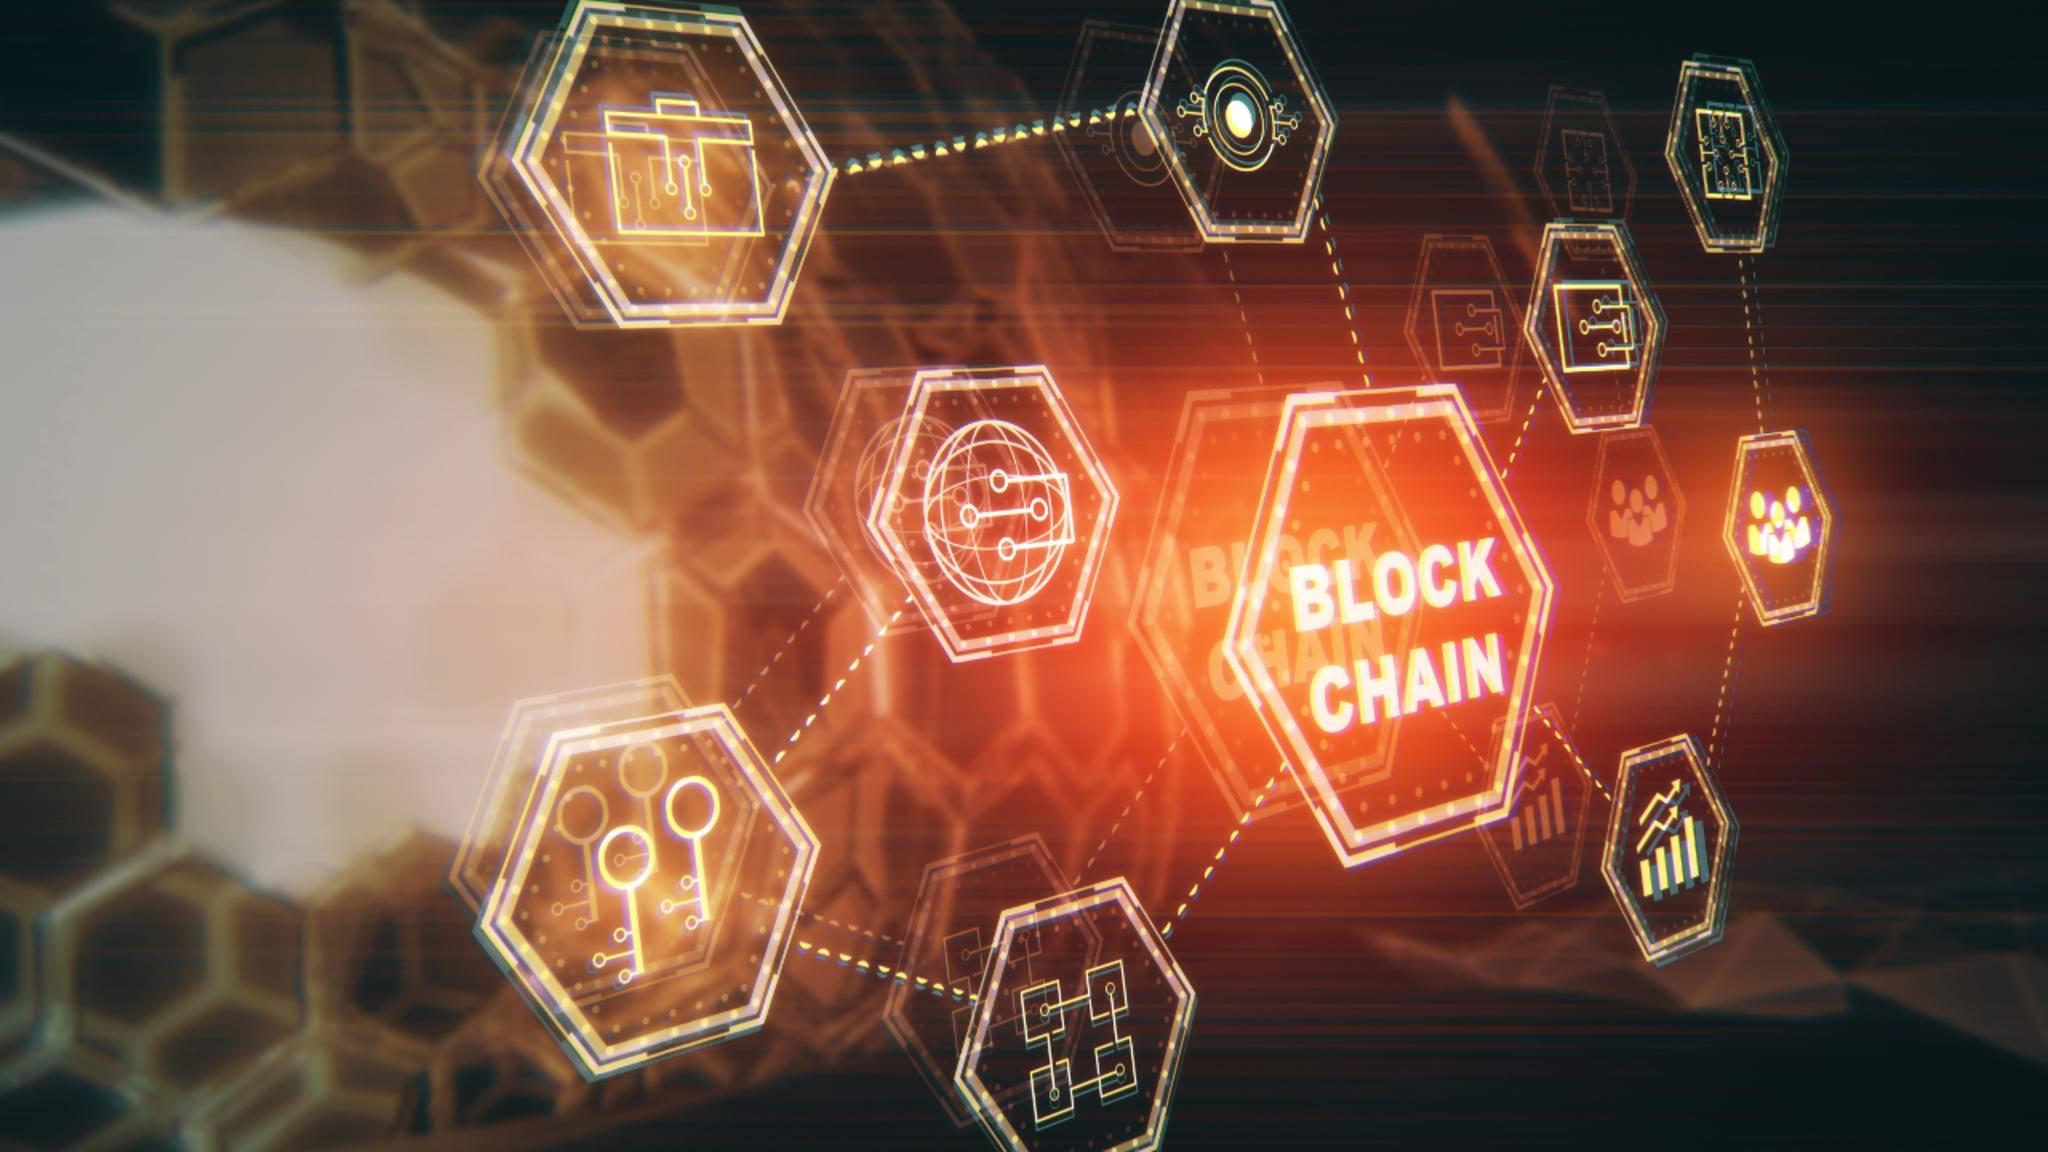 Das Prinzip der Blockchain wurde 2009 von Satoshi Nakamoto erdacht.